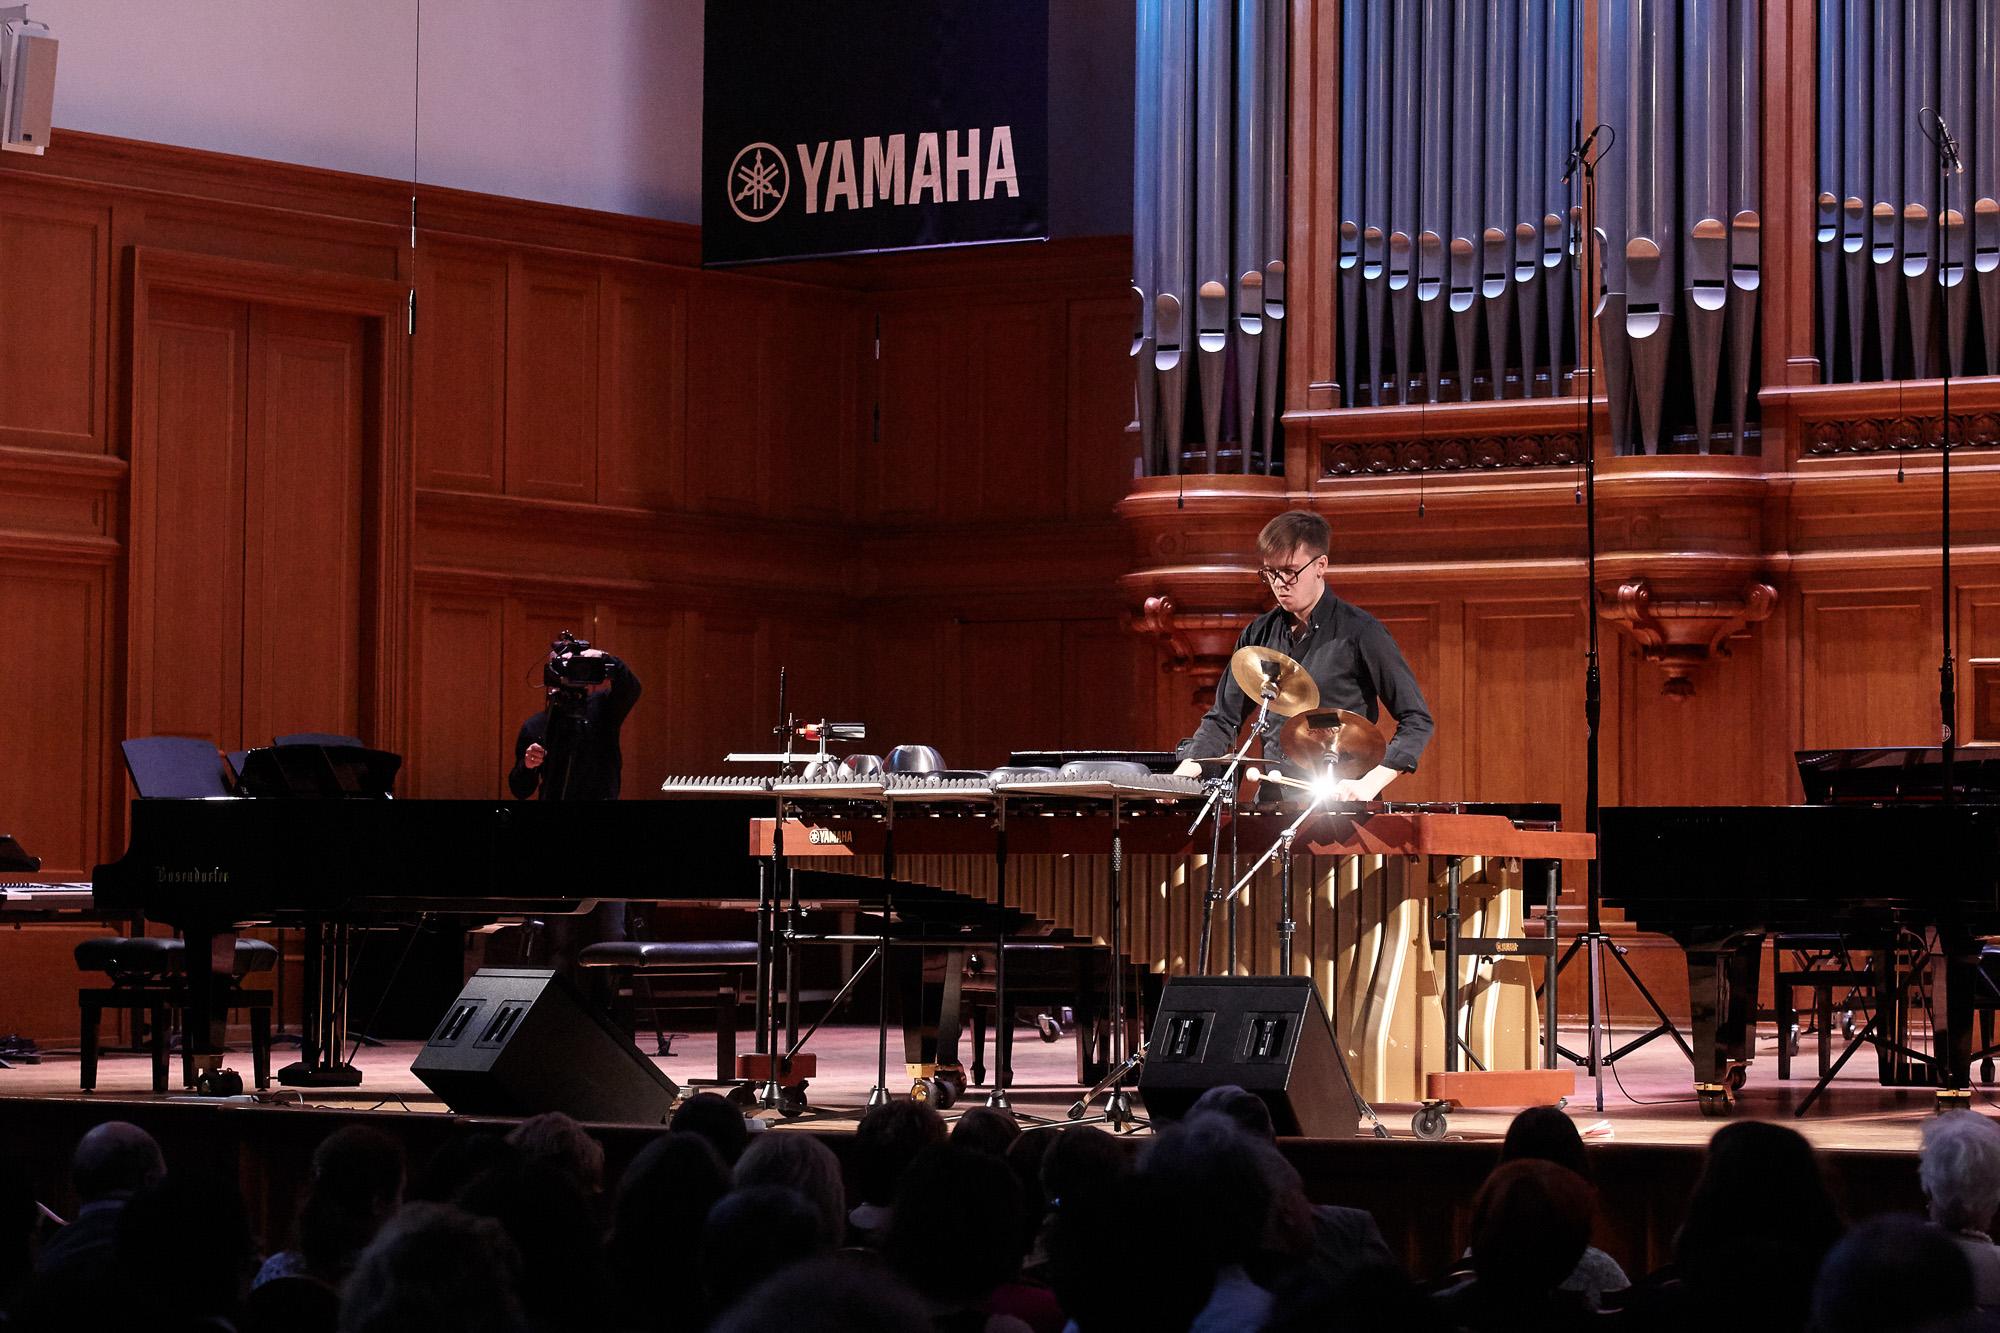 2017-05-29 Yamaha Gala 115